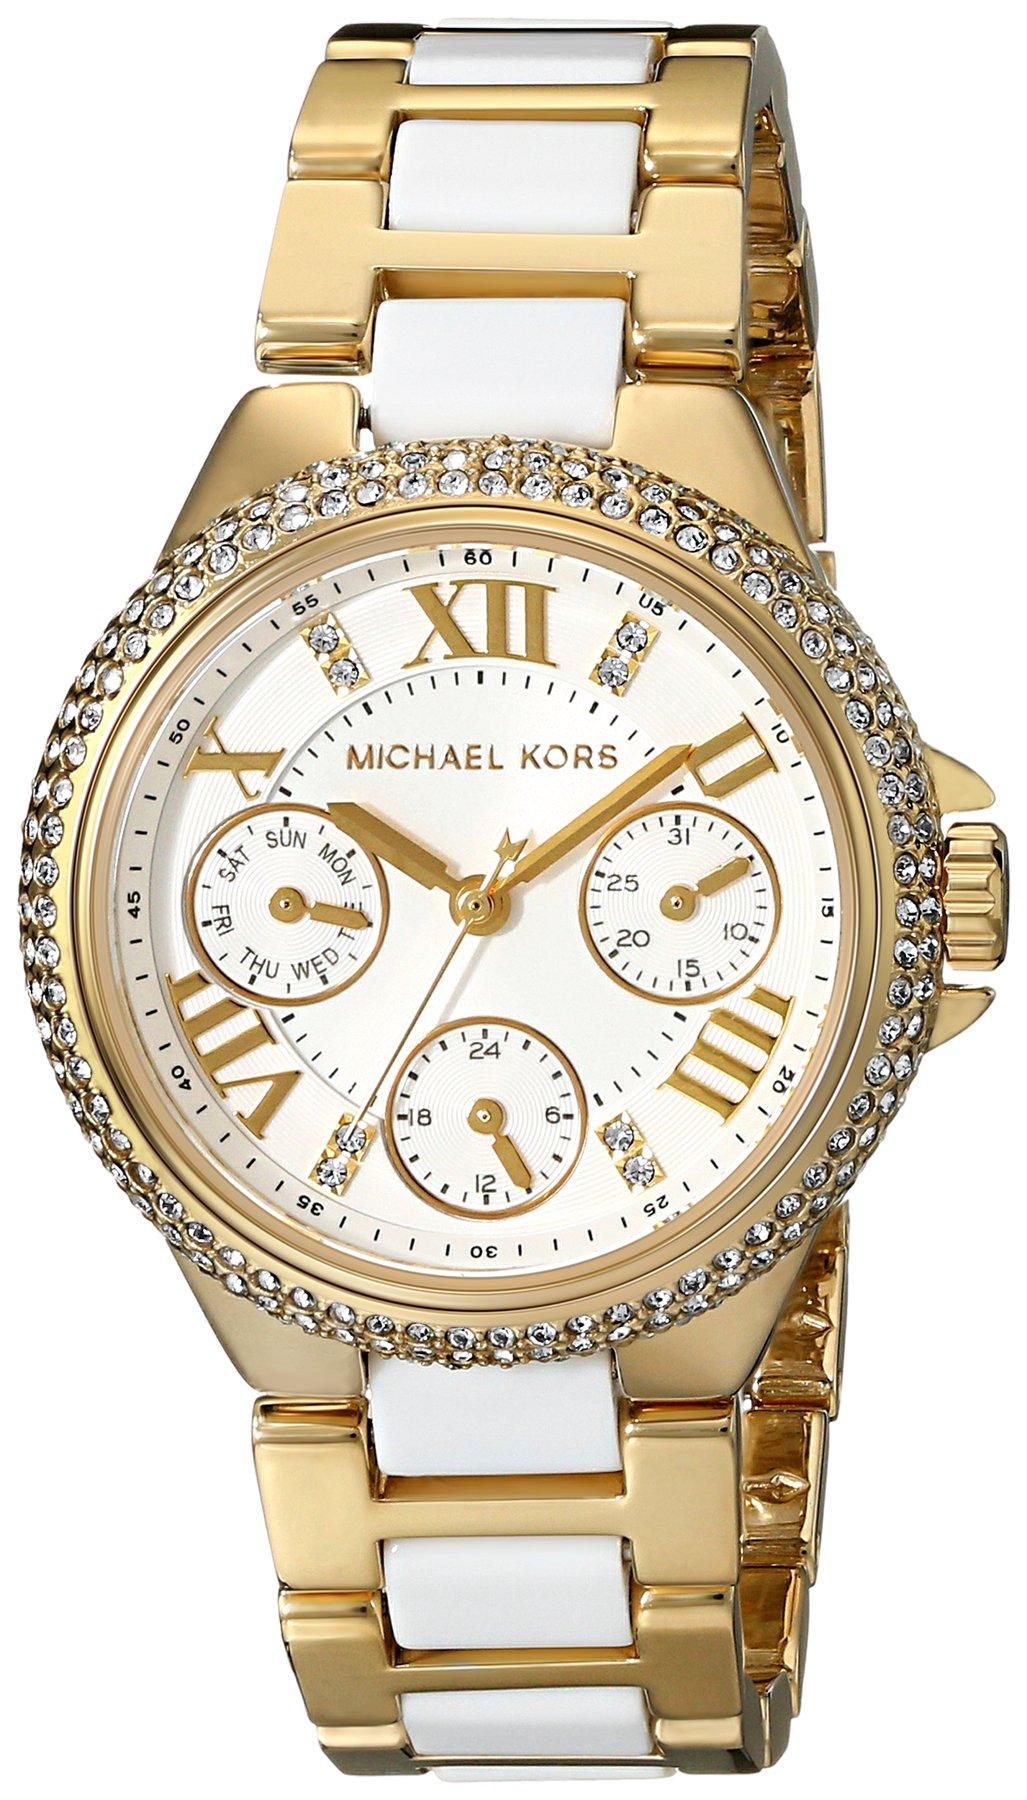 Michael Kors Mini Camille White Dial Quartz Chrono Ladies Watch MK5945